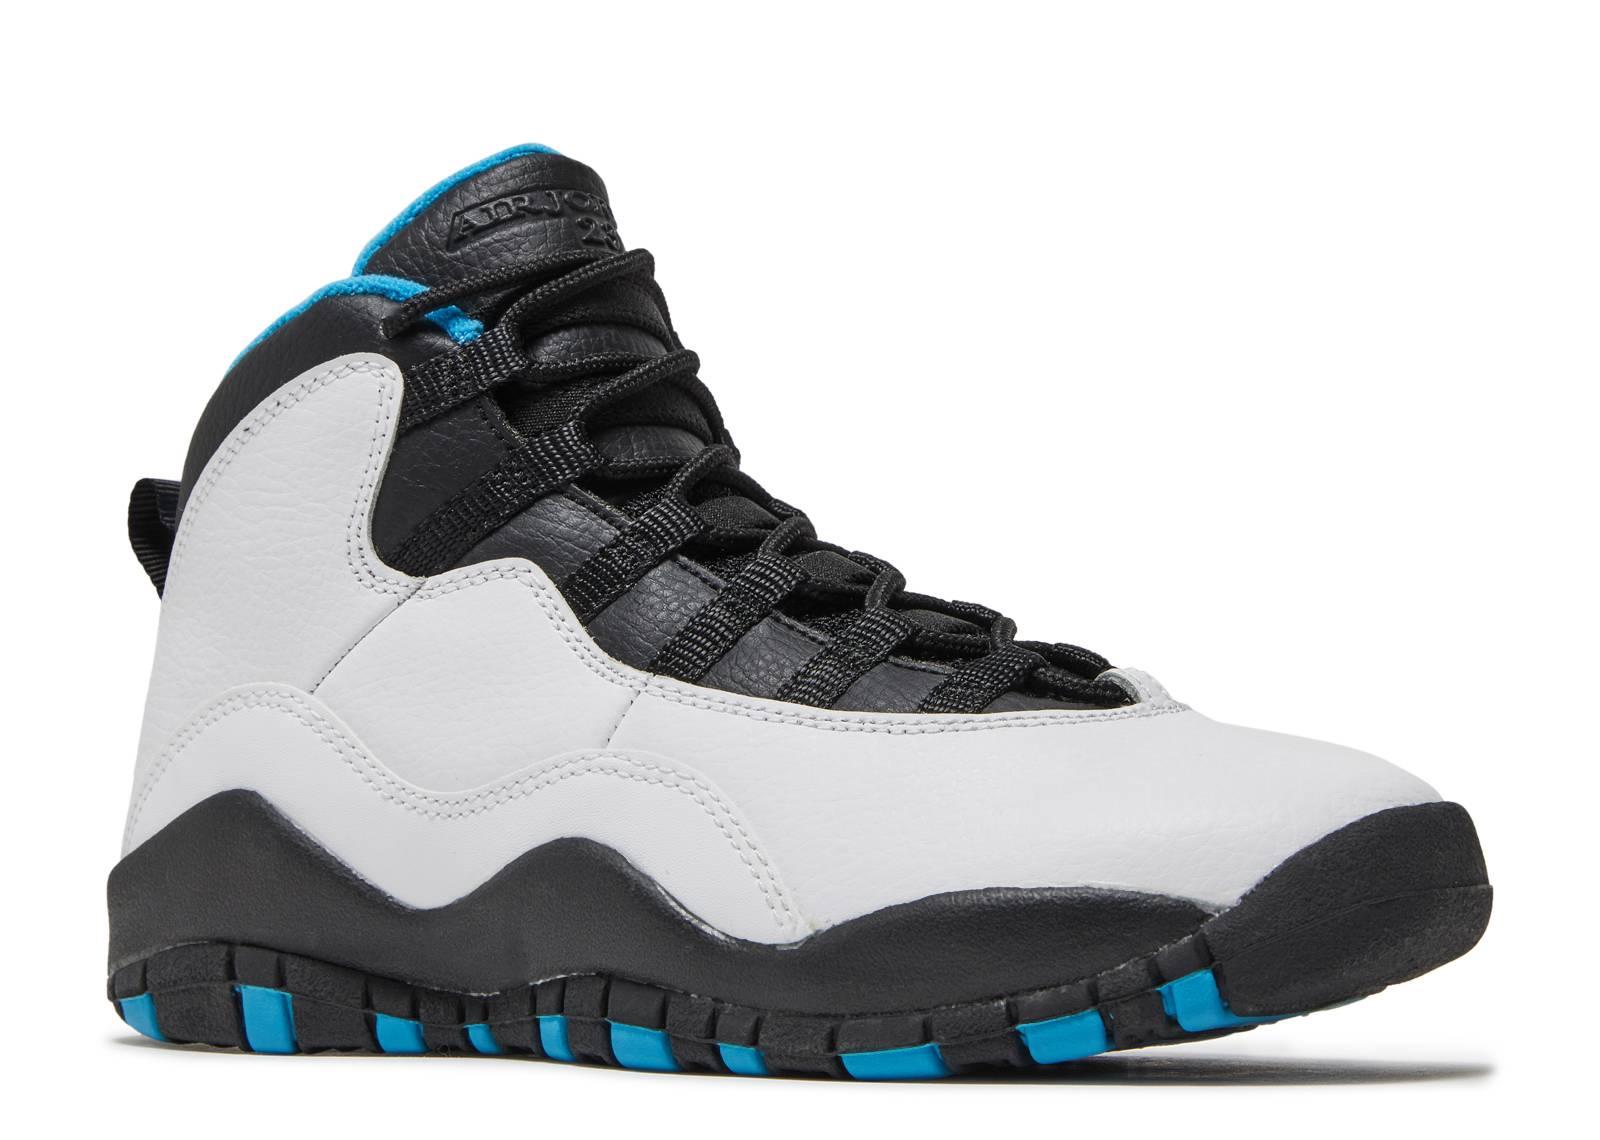 0e10a30d0b11 discount powder blue air jordan 10 release date 8f26a 09241